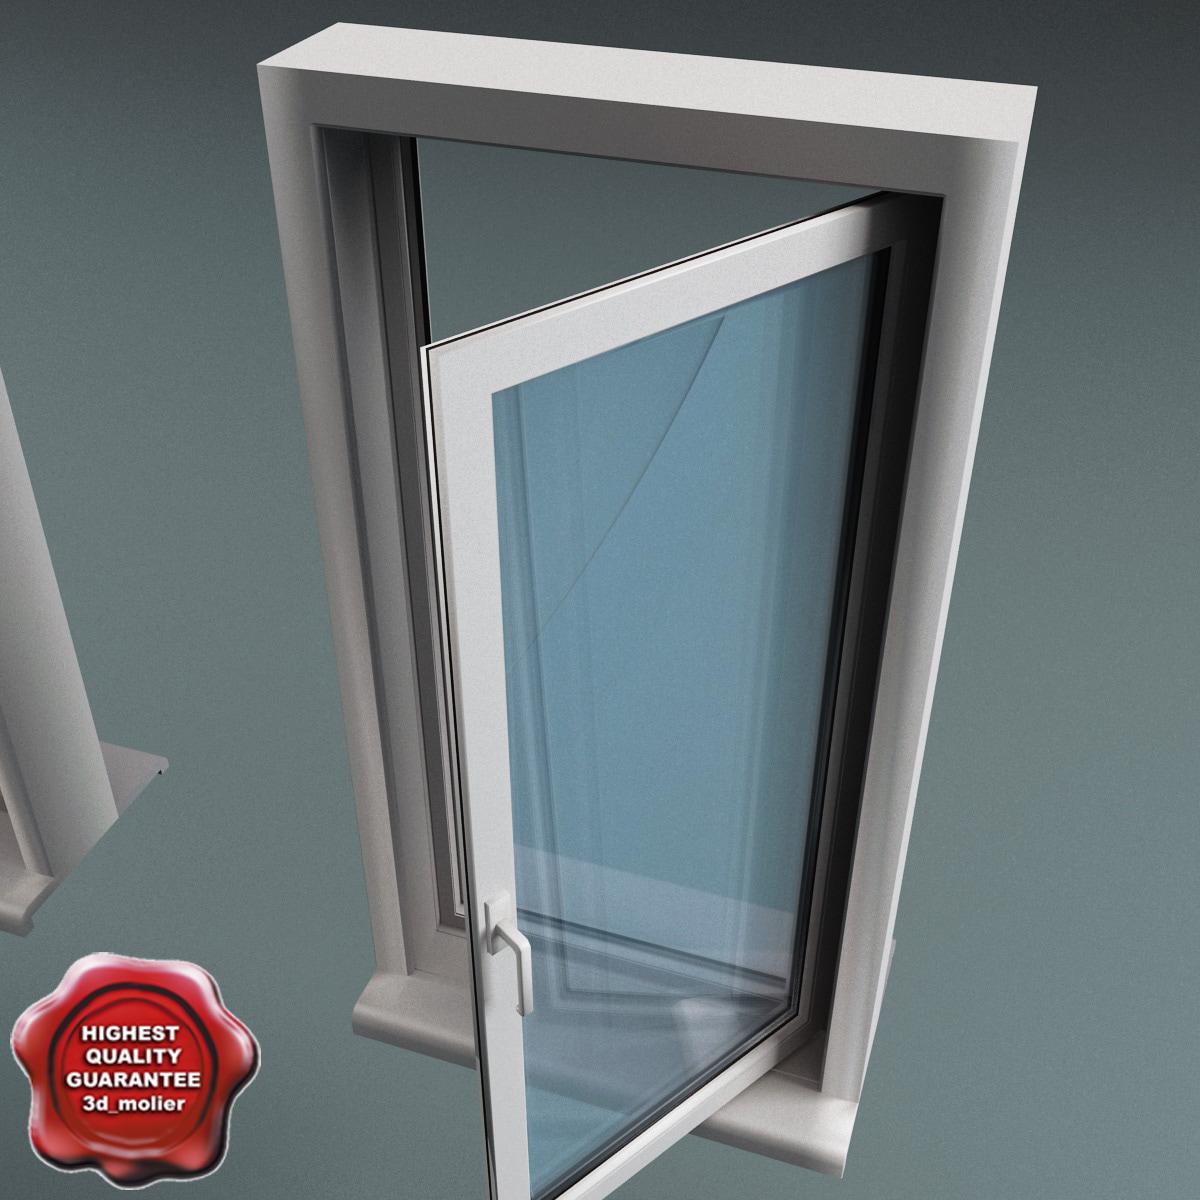 Plastic_Window_V4_00.jpg